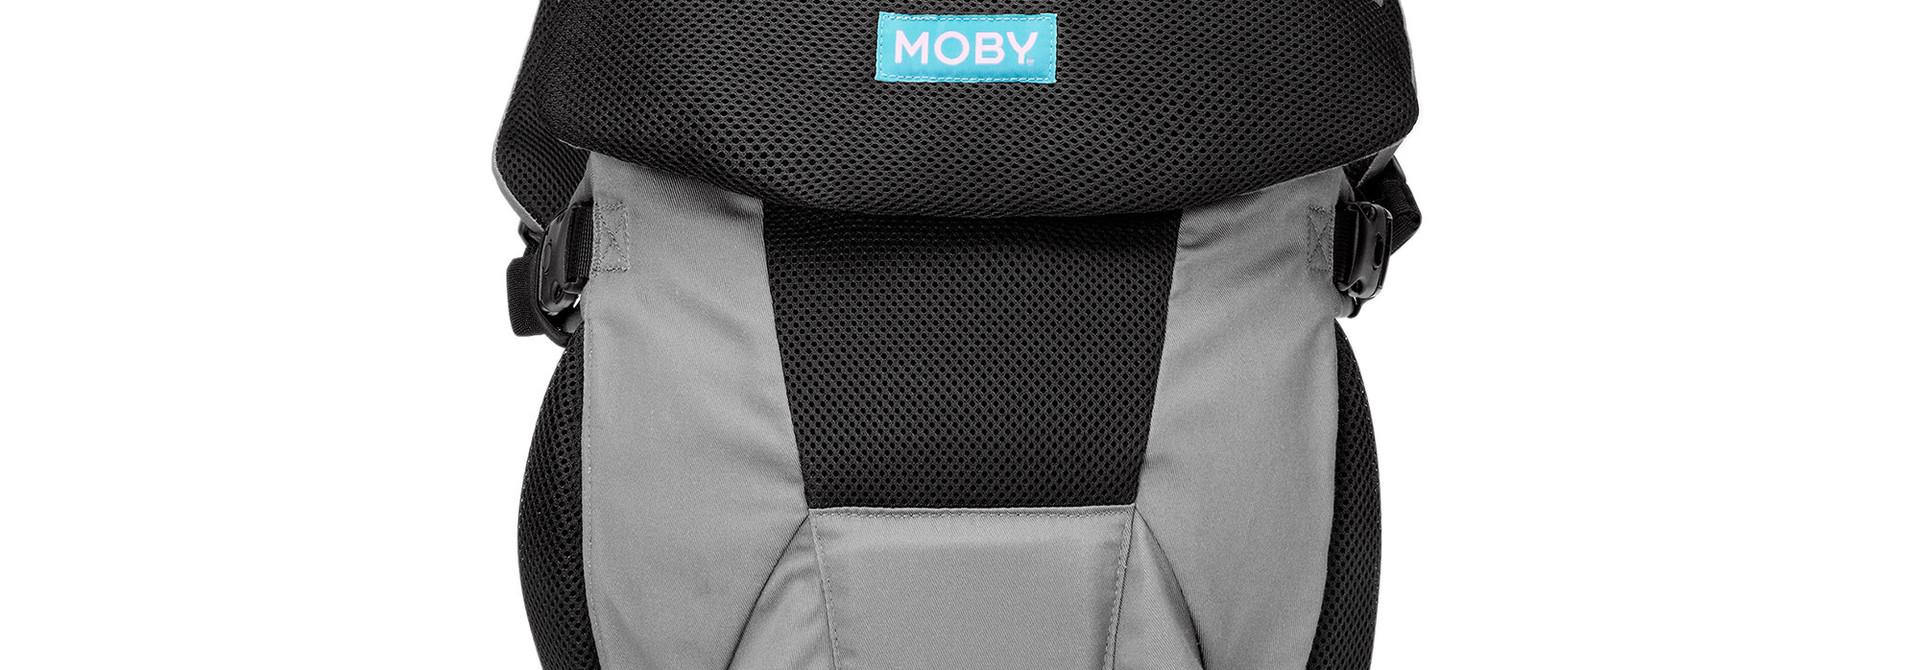 Porte bébé Move Multipositions - Charcoal